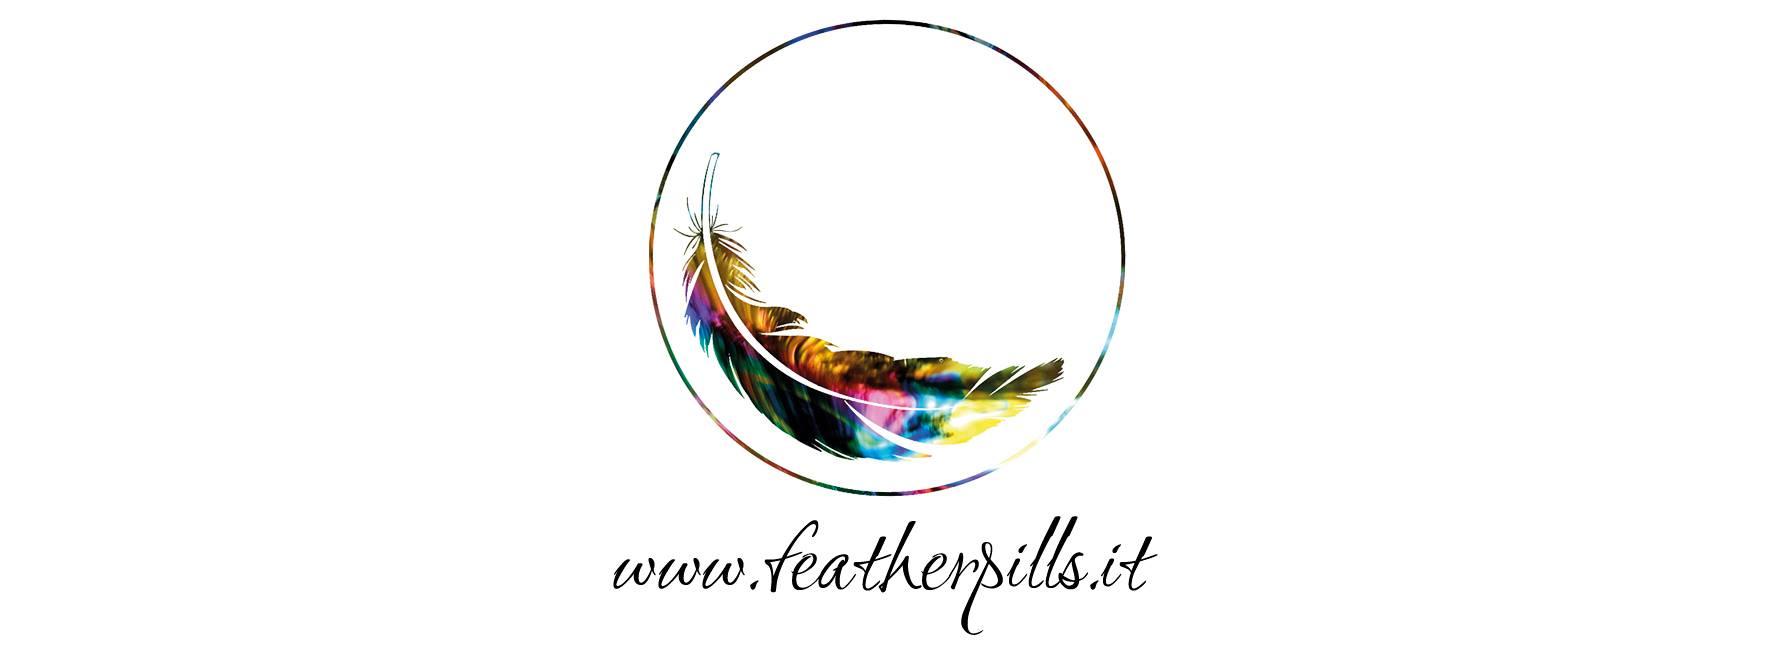 pagina dei contatti featherpills